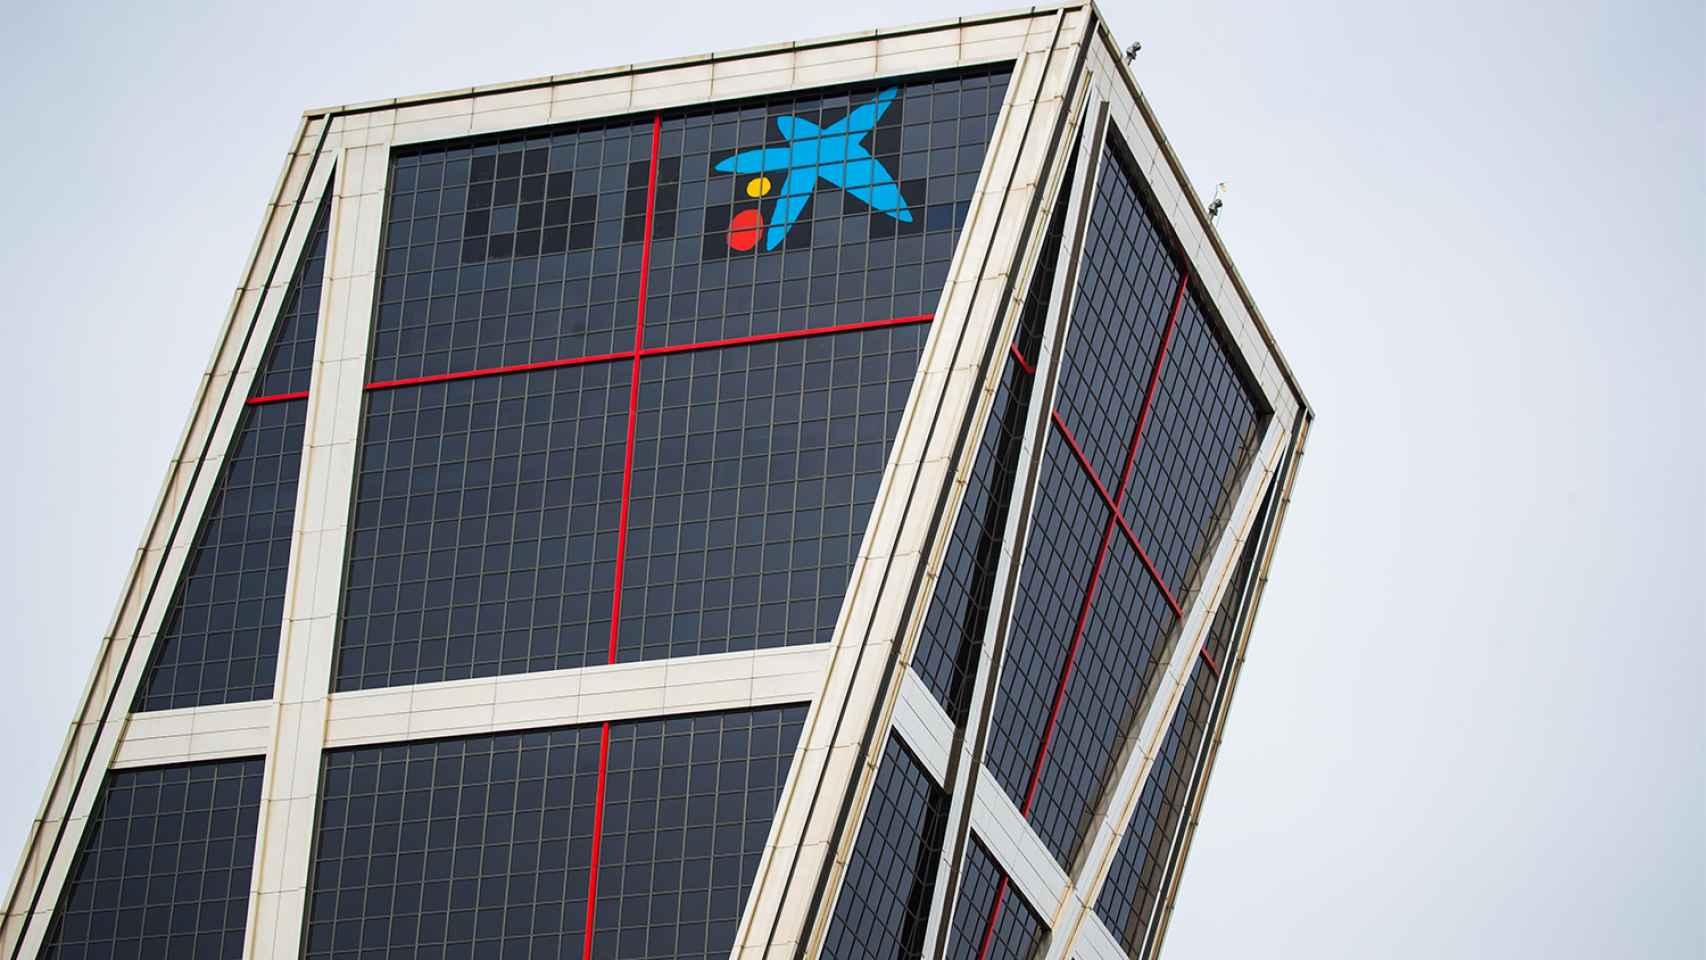 El logo de CaixaBank en la torre Kio de Madrid.